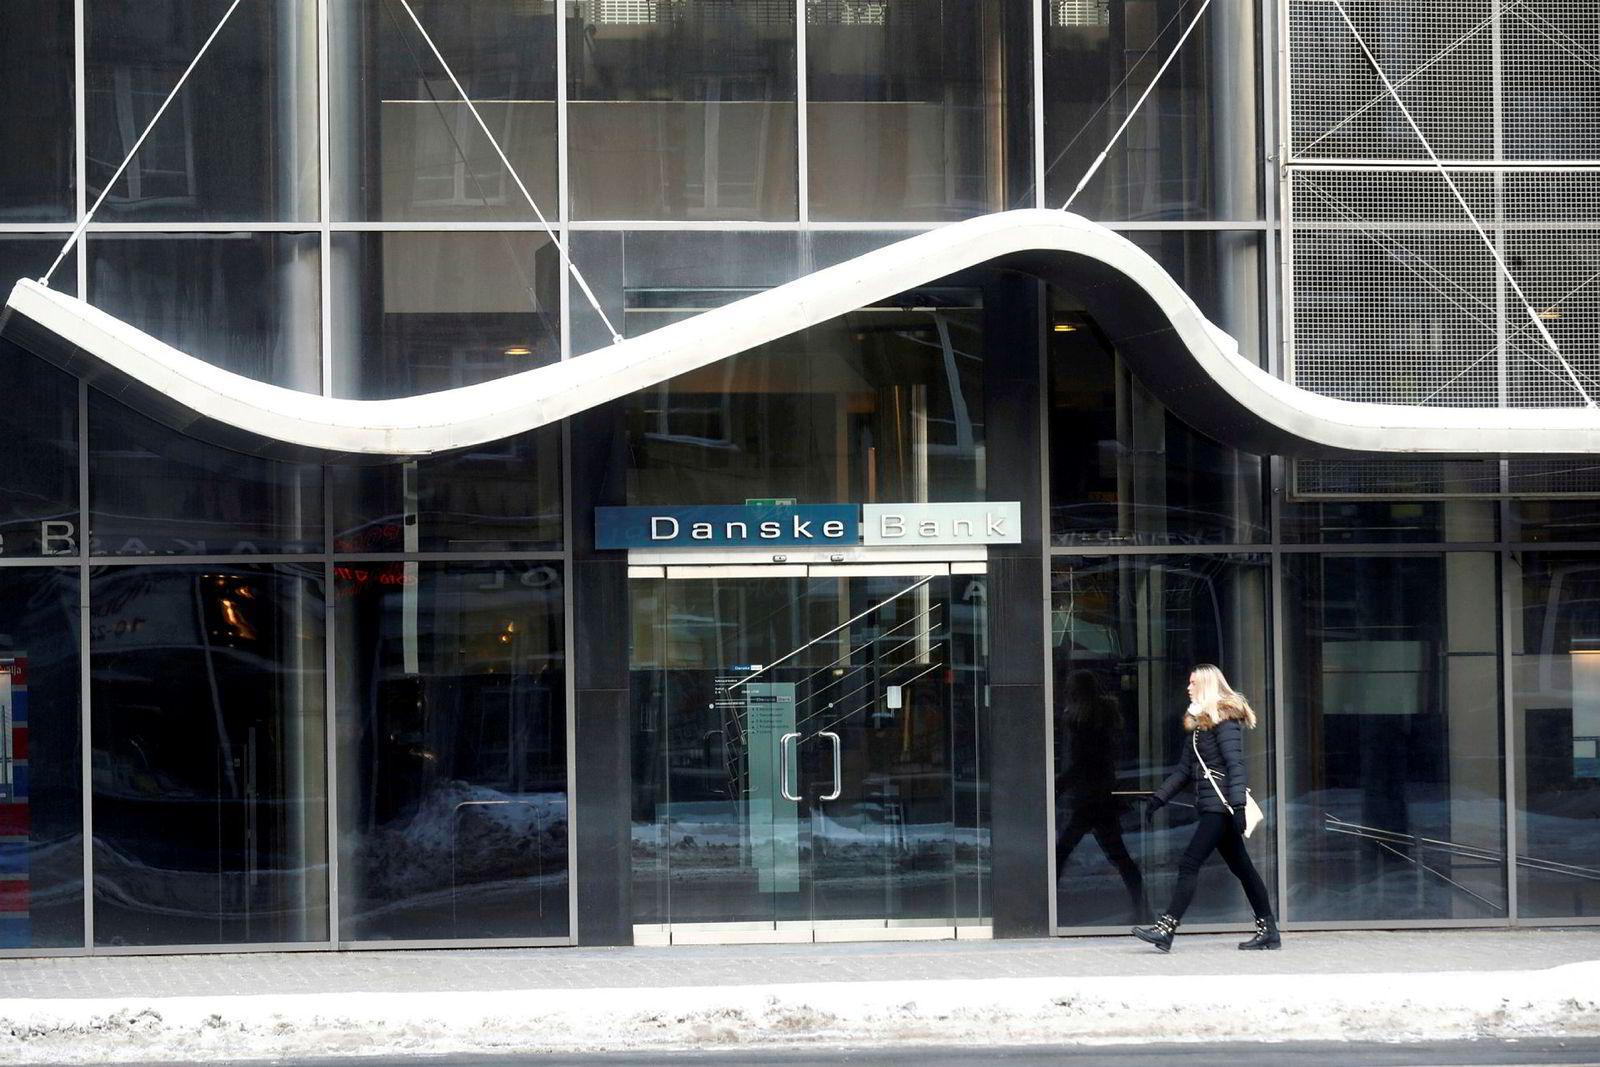 Fra Danske Banks tidligere filial and Estland, som nå er stengt.